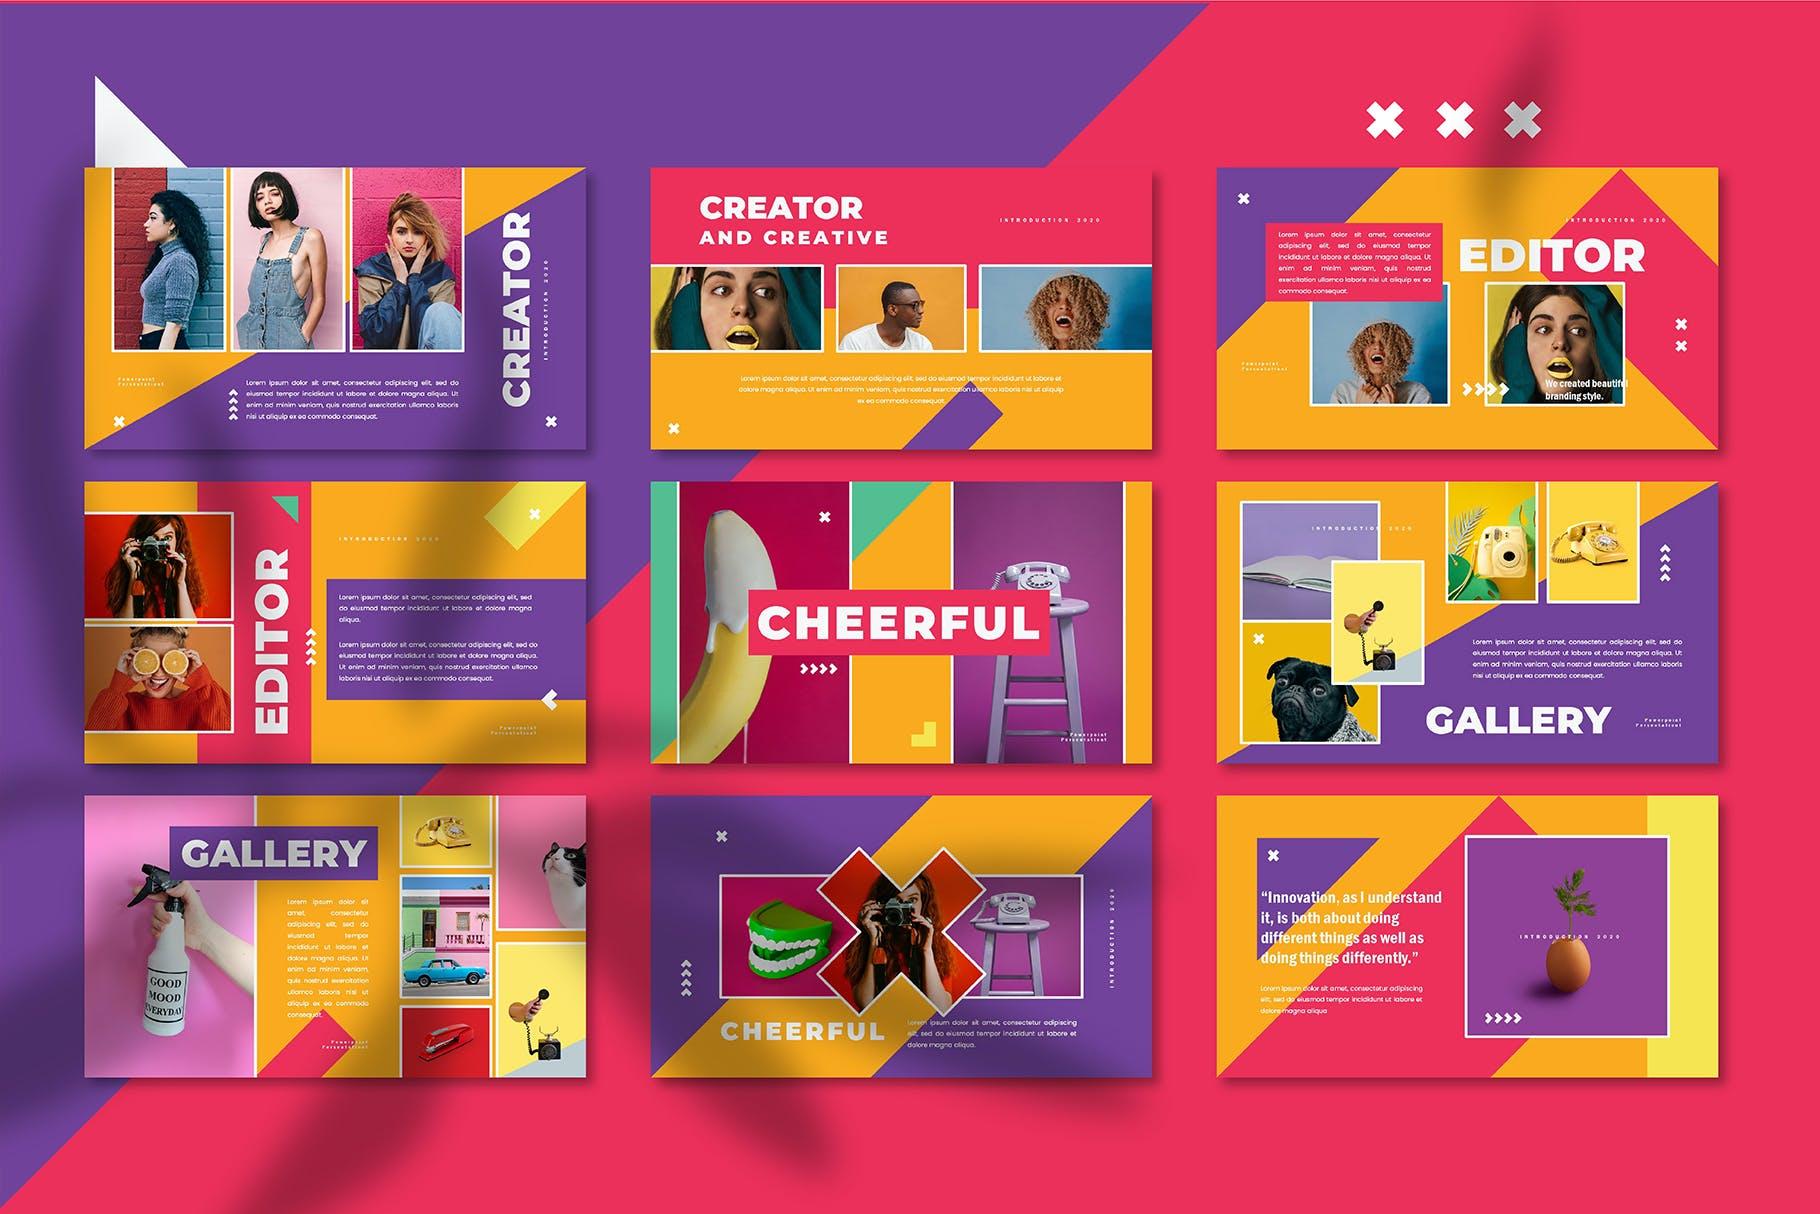 多彩营销策划案PPT幻灯片设计模板 Cheerful – Power Point Template插图(4)